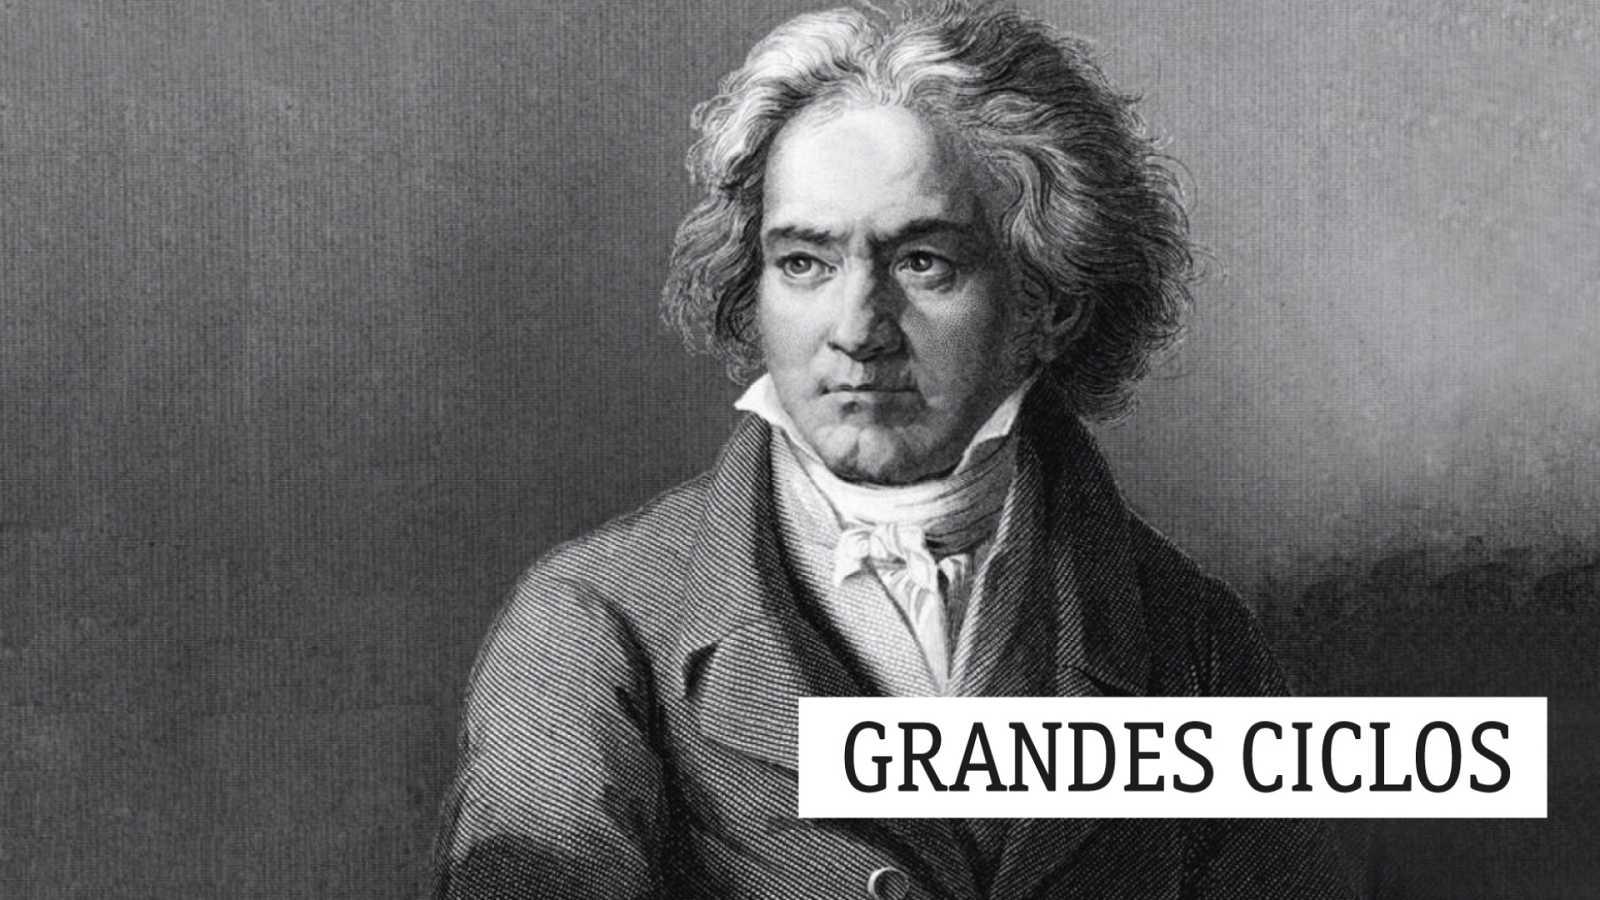 Grandes ciclos - L. van Beethoven (XXIX): Un canto a la libertad - 20/02/20 - escuchar ahora